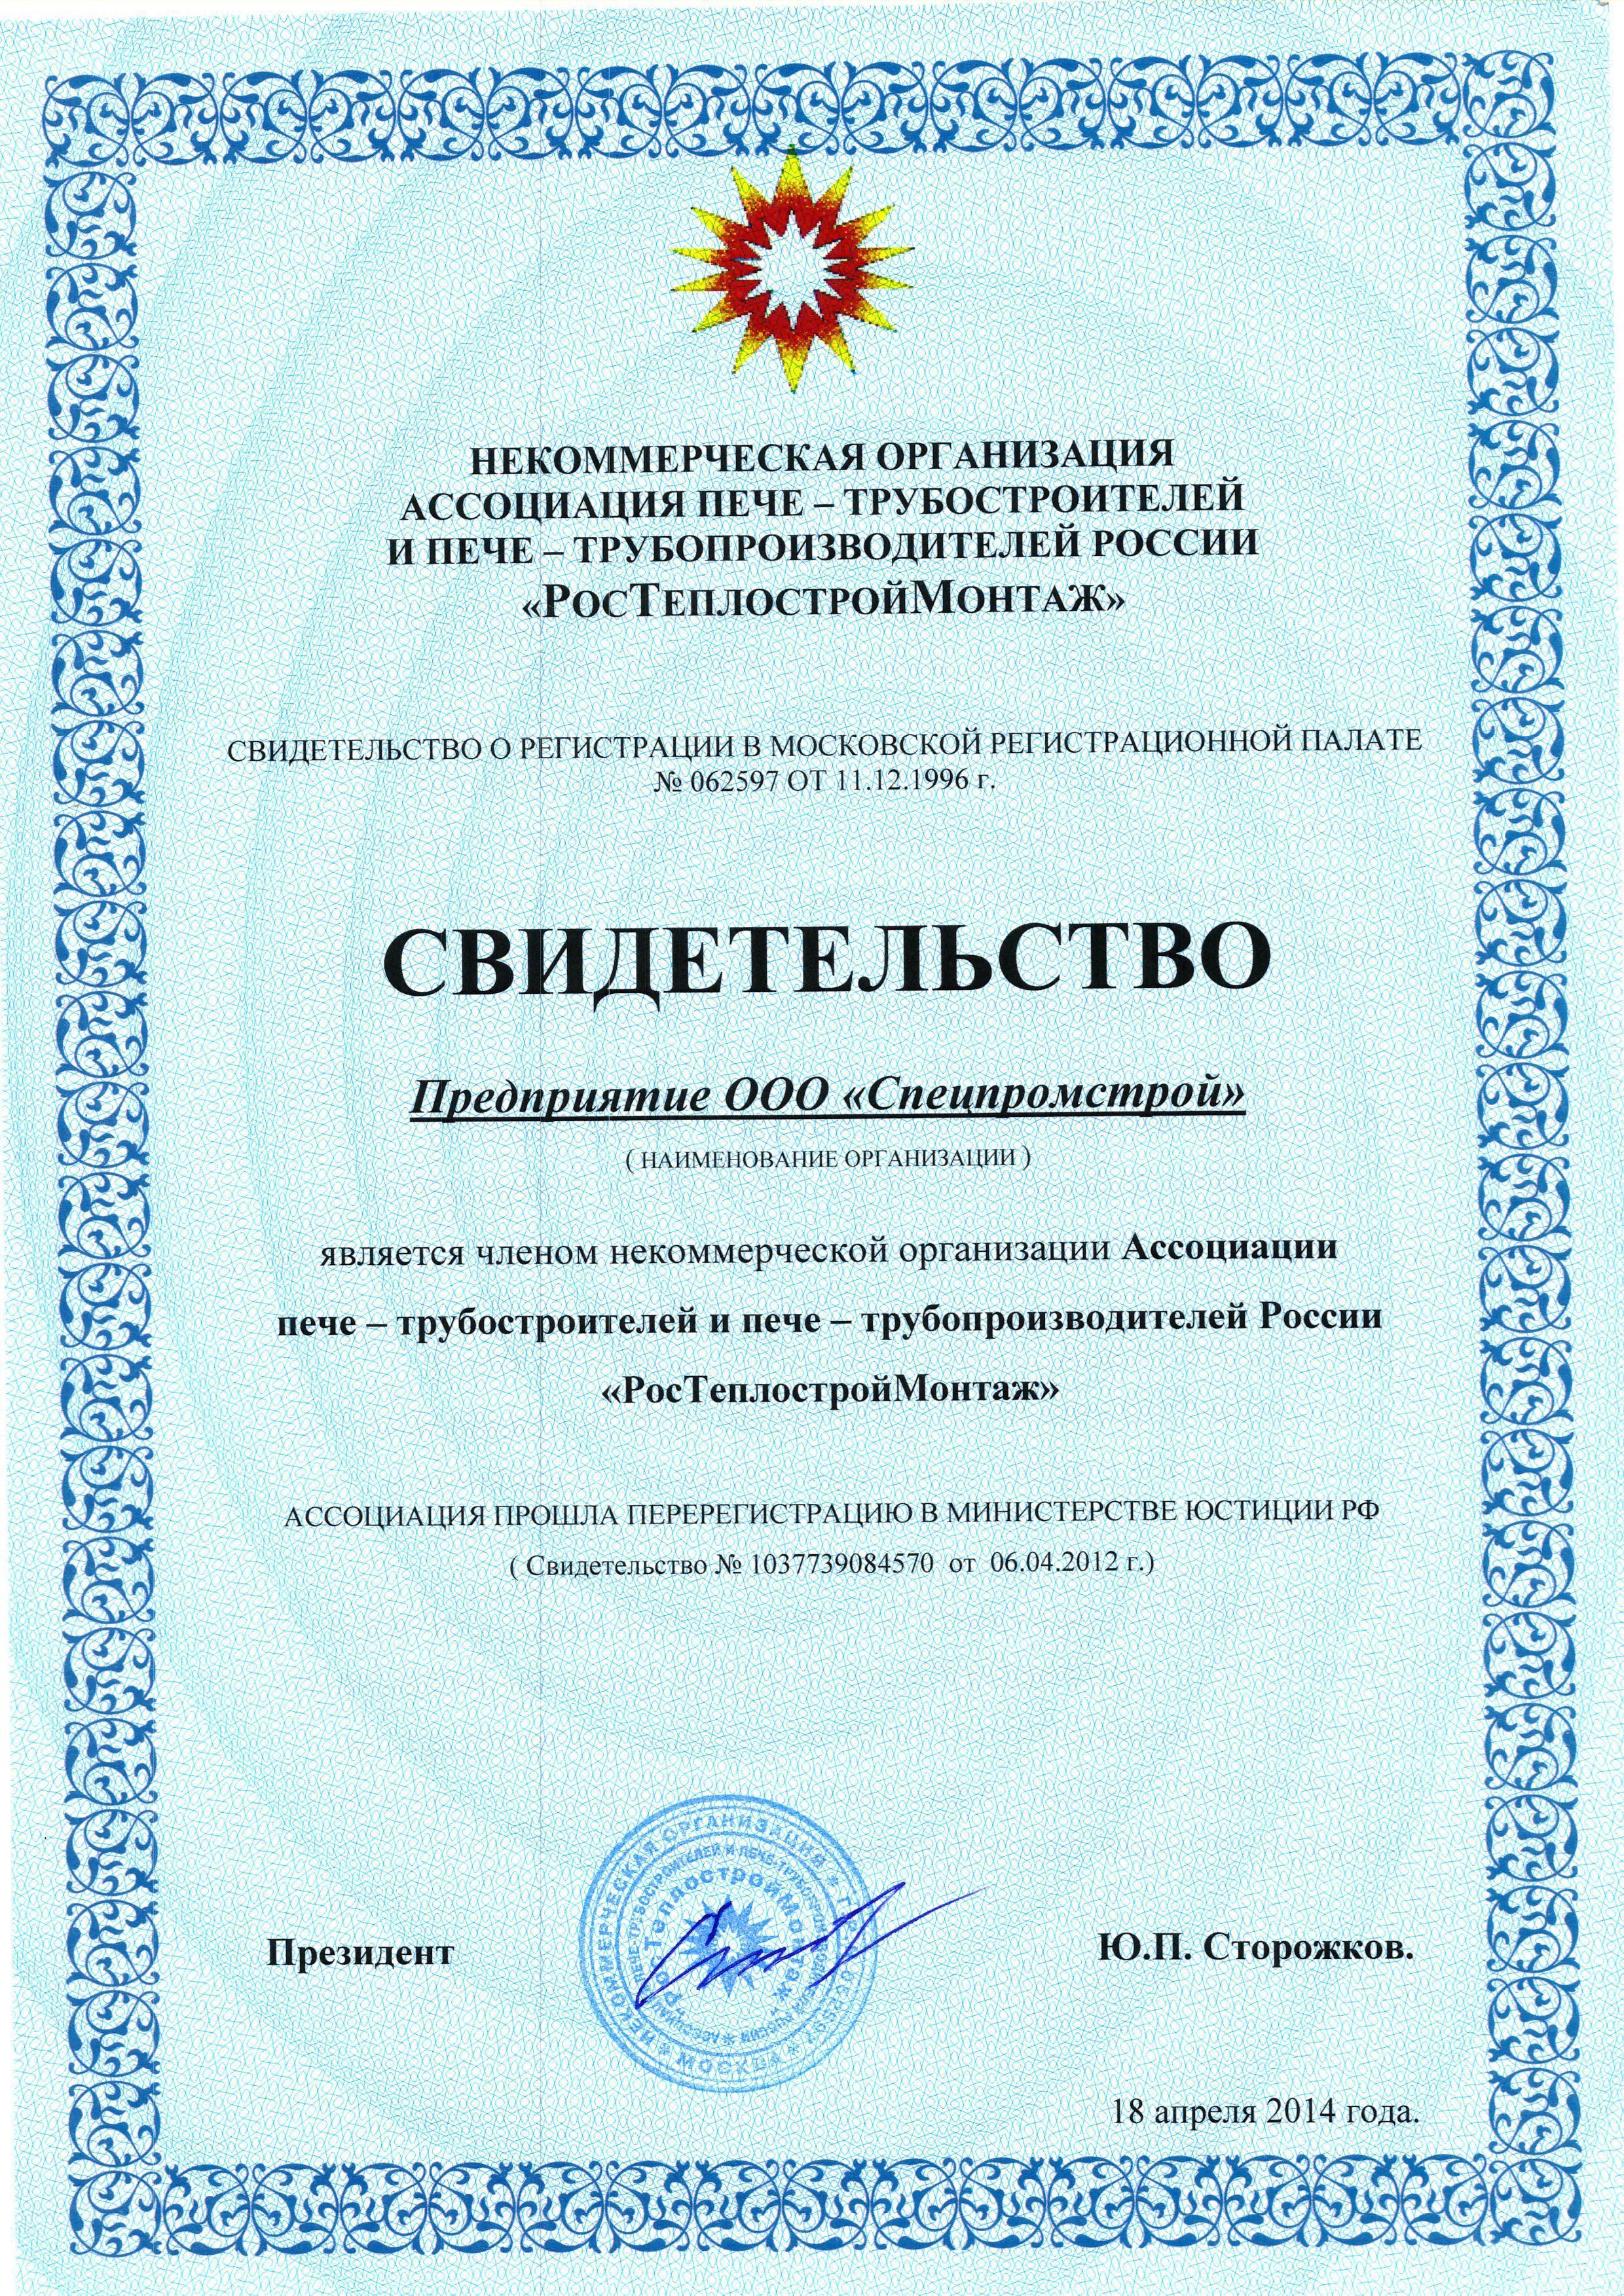 Свидетельство_РосТеплостройМонтаж